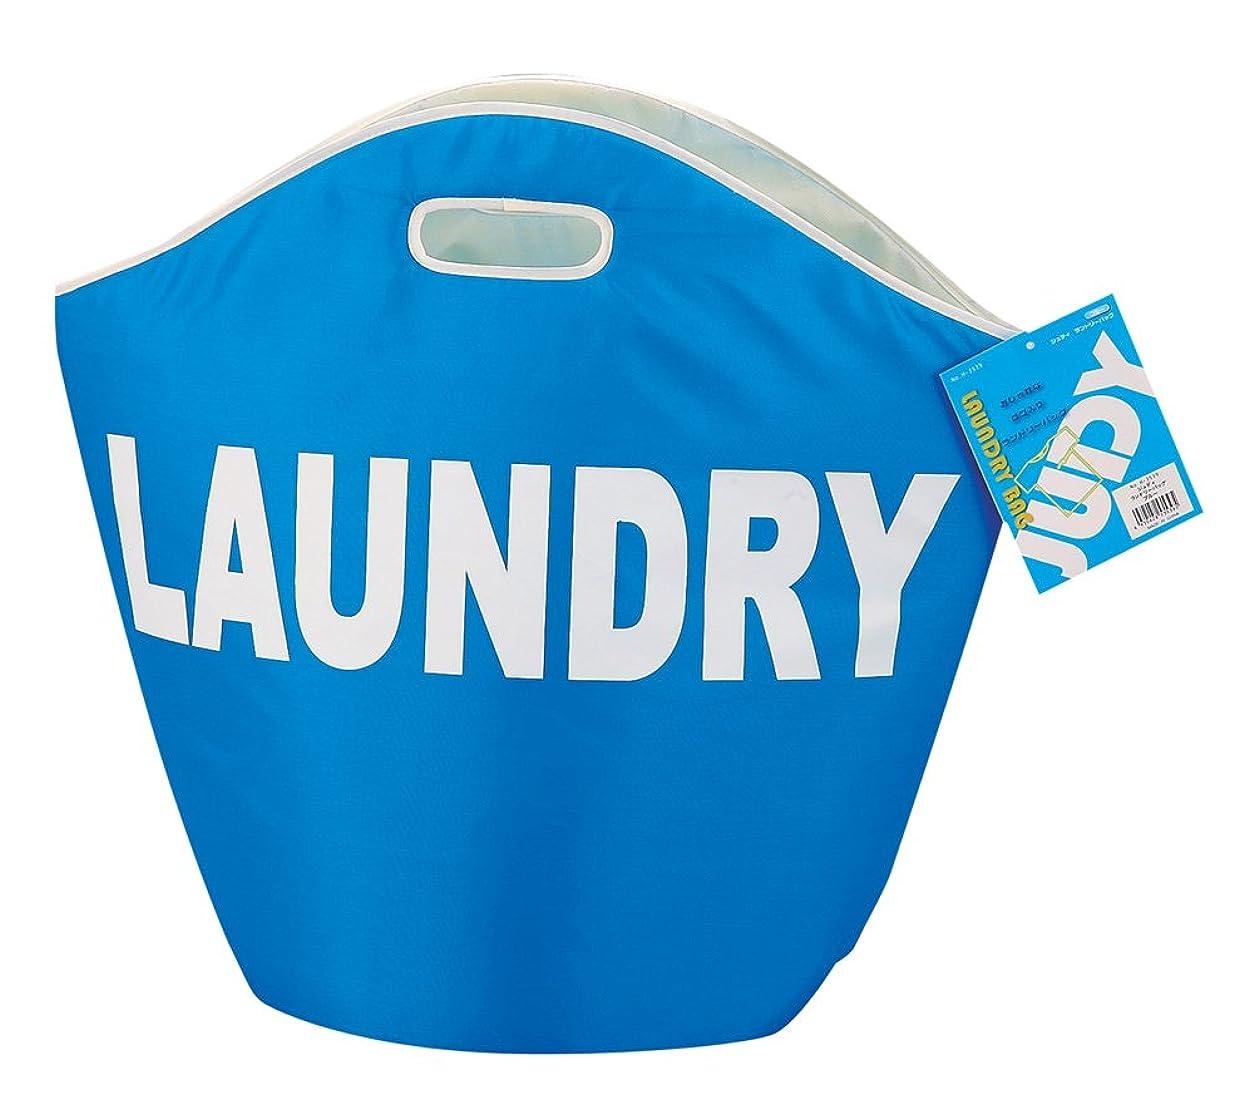 シーン解説潜在的なパール金属 ランドリー バッグ 洗濯物 入れ ブルー ジュディ H-3539